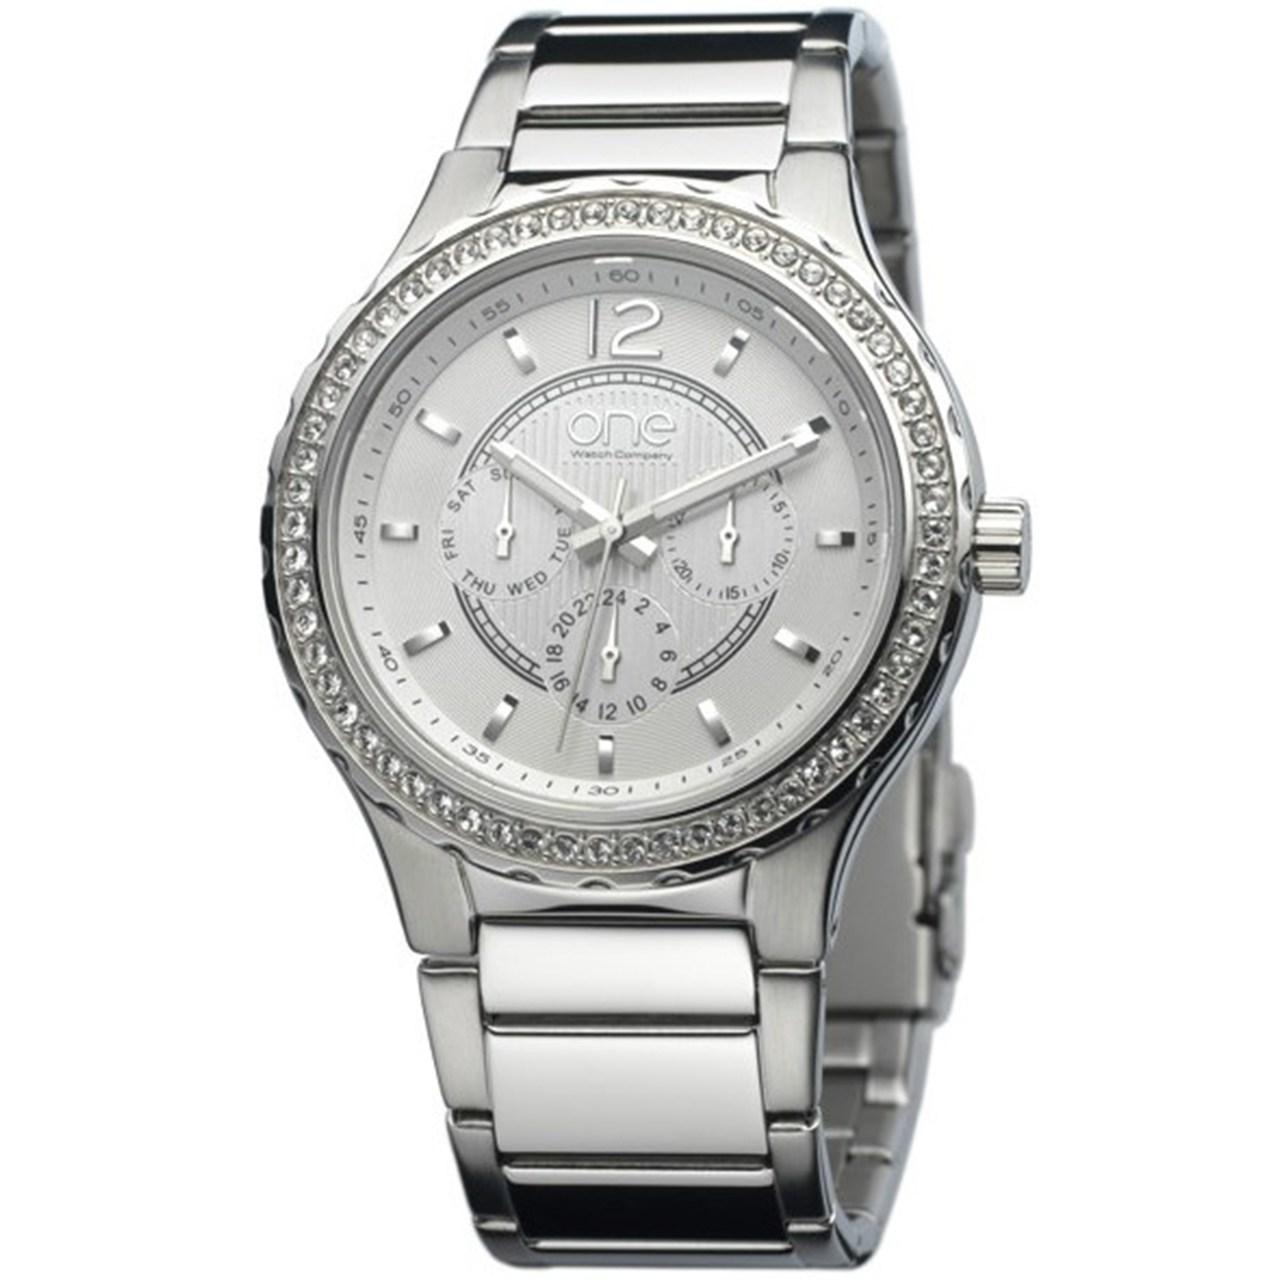 ساعت مچی عقربه ای زنانه وان واچ مدل OL4594MM31E